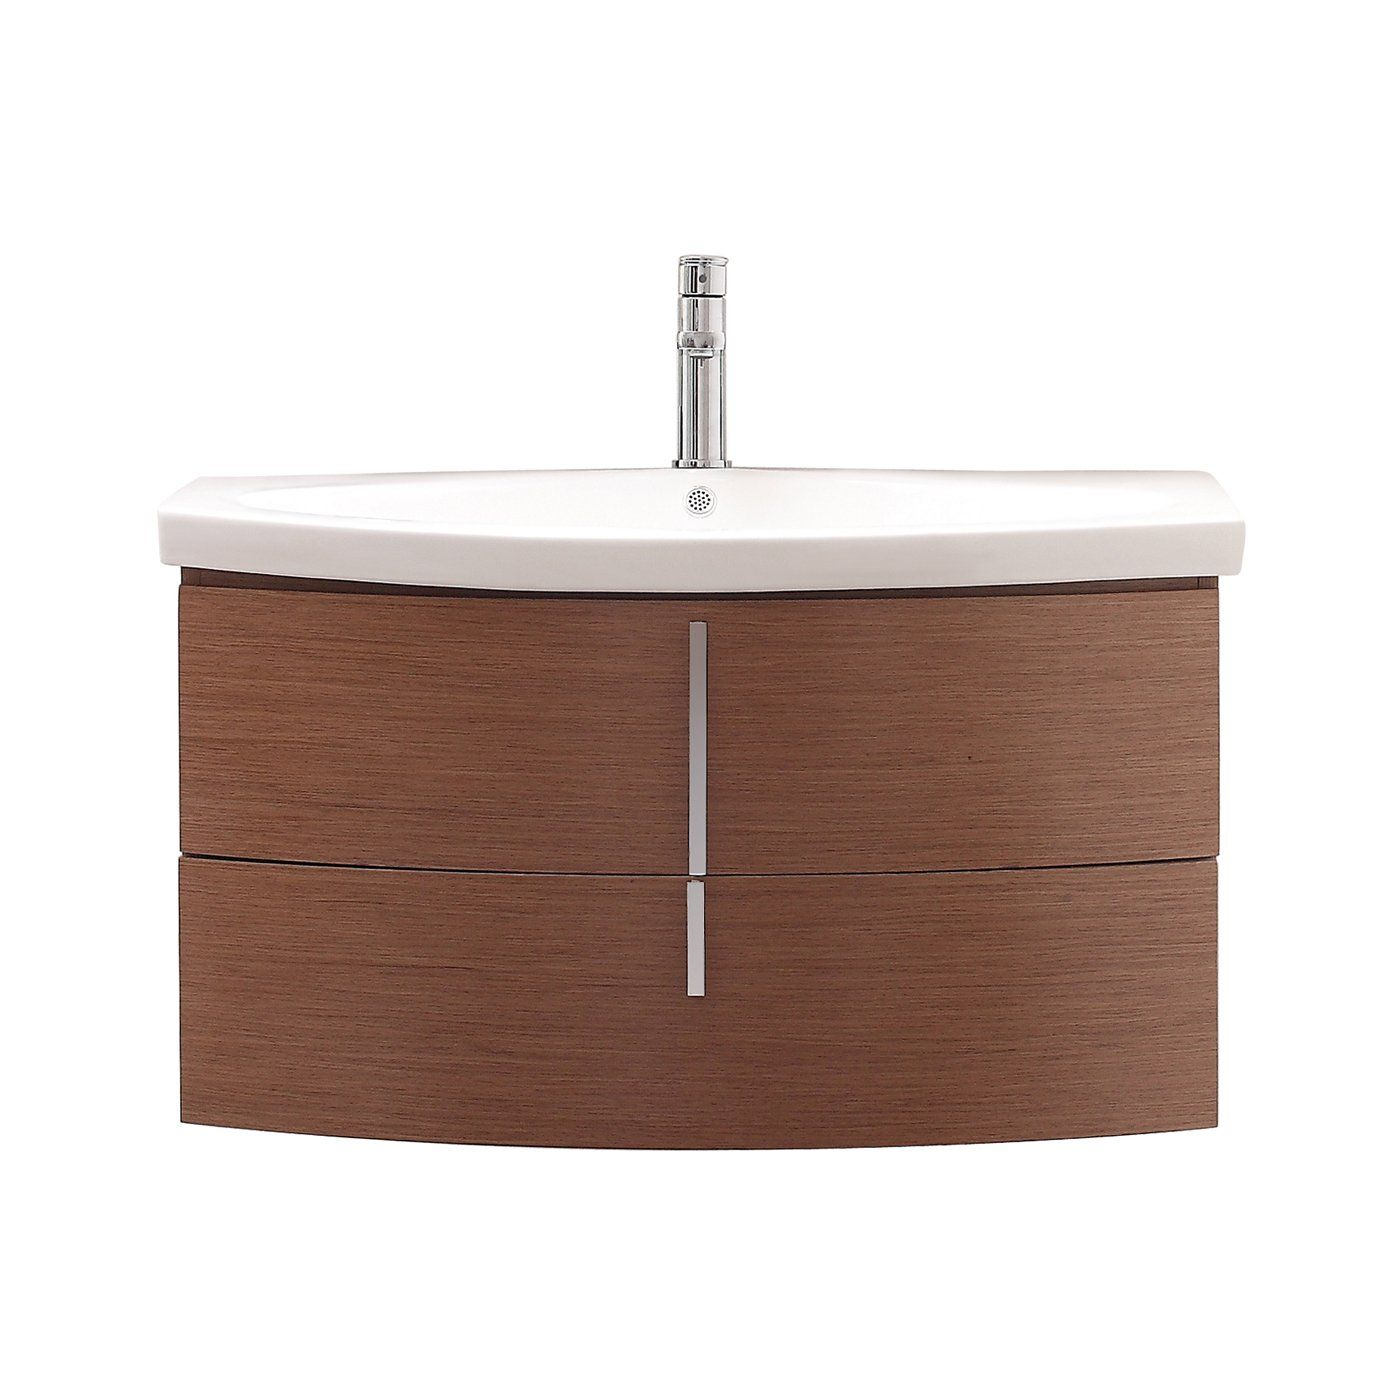 Bathroom Sink Vanity Lowes Ideas Siena Bathroom